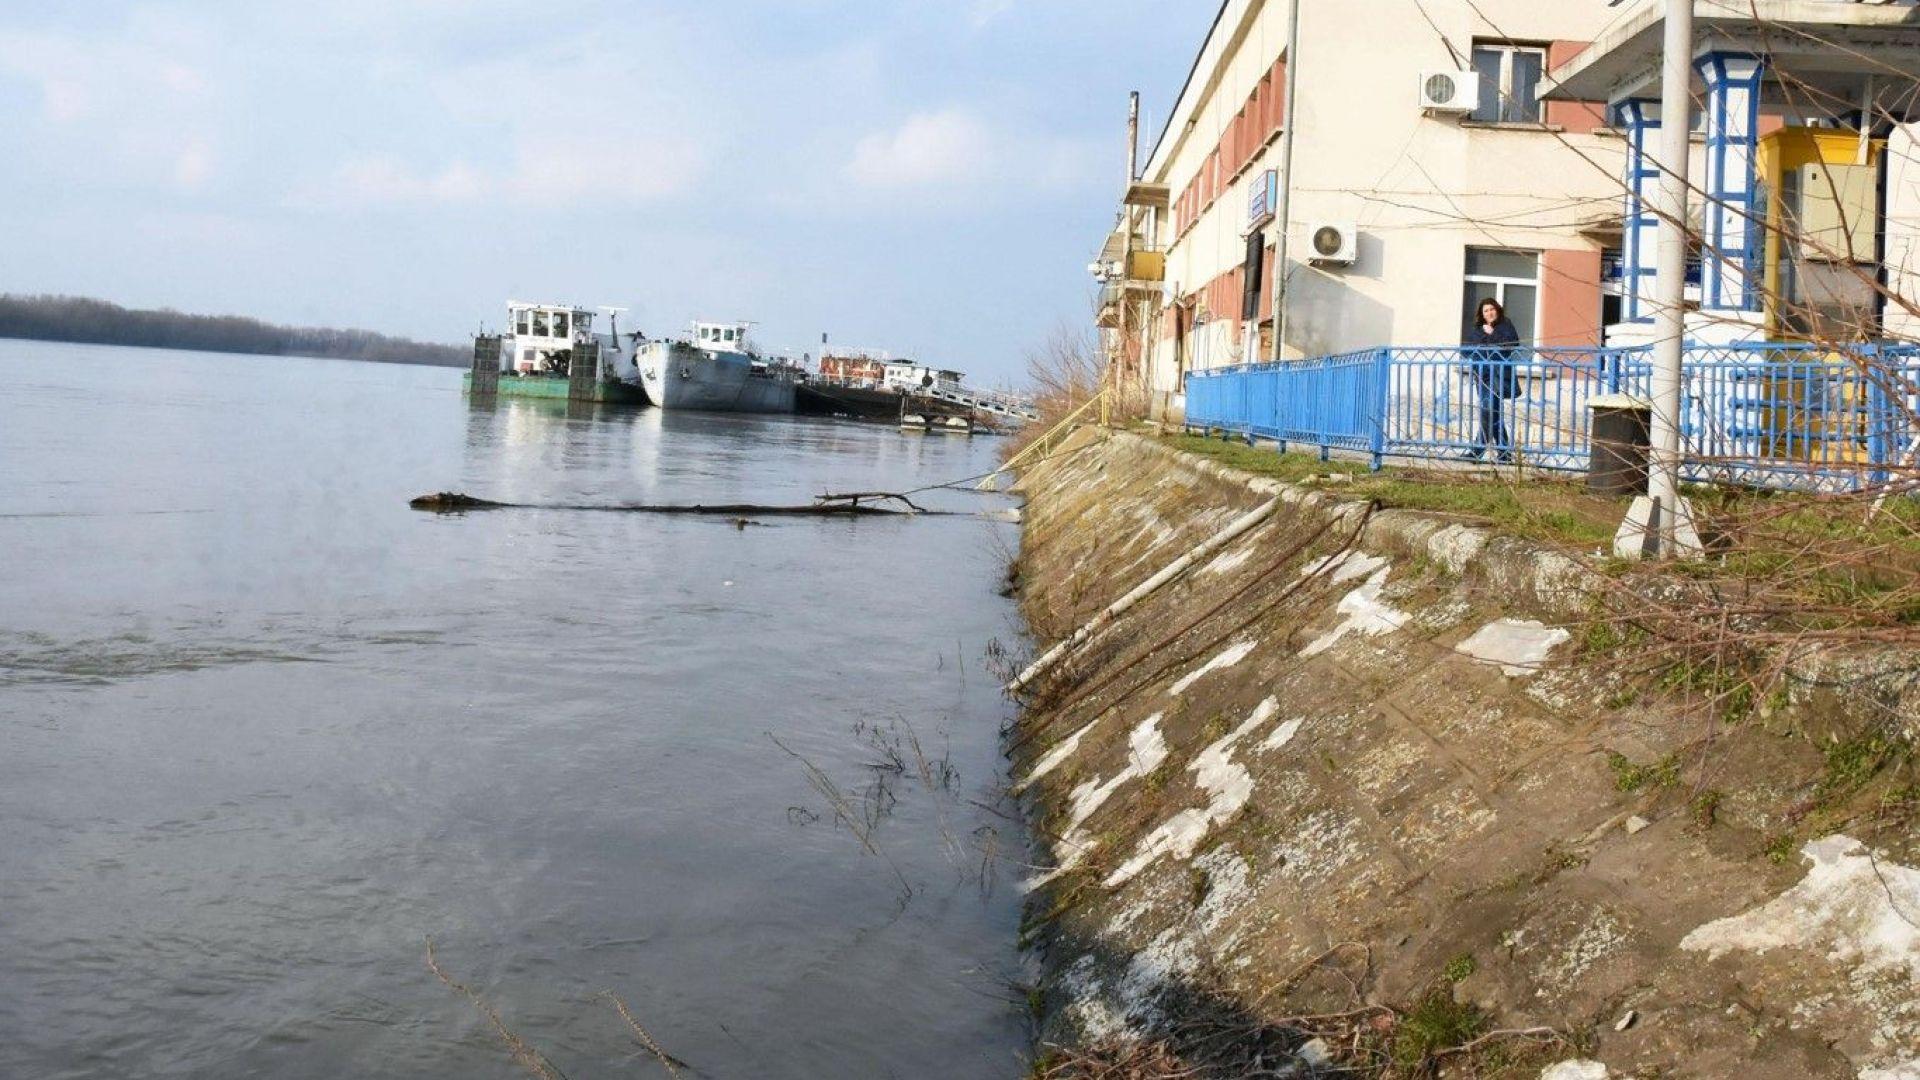 Издирваната майка скочила в Дунав с бебето си, преди това бутнала сина си в реката